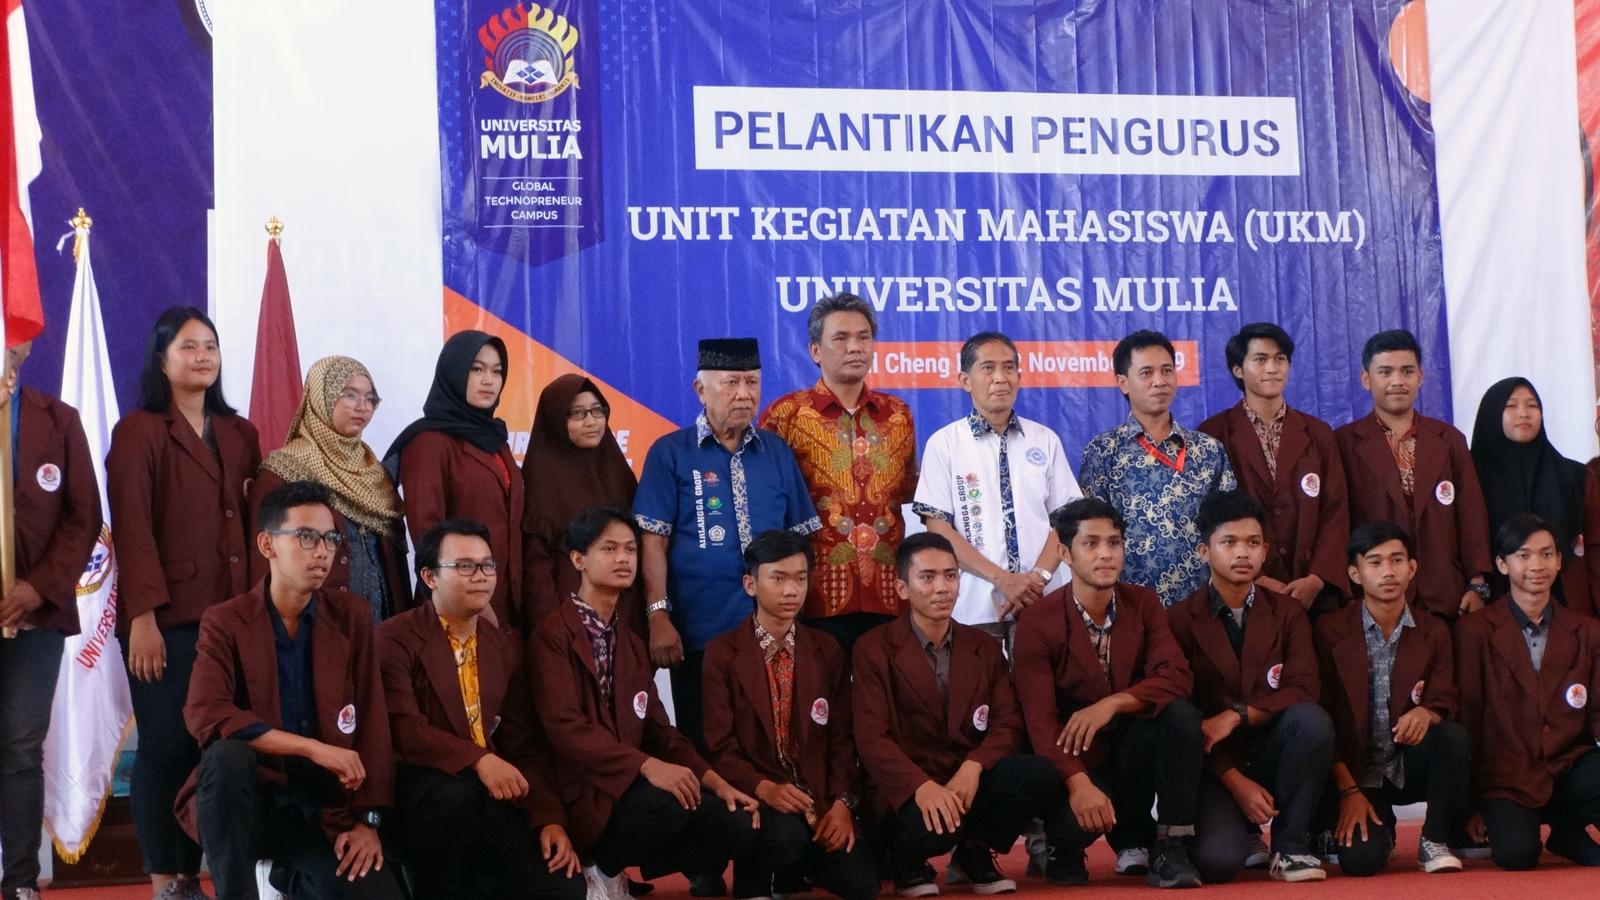 Foto bersama Rektor dan Wakil Rektor serta 18 orang Ketua UKM yang baru dilantik. Foto: dok. pribadi